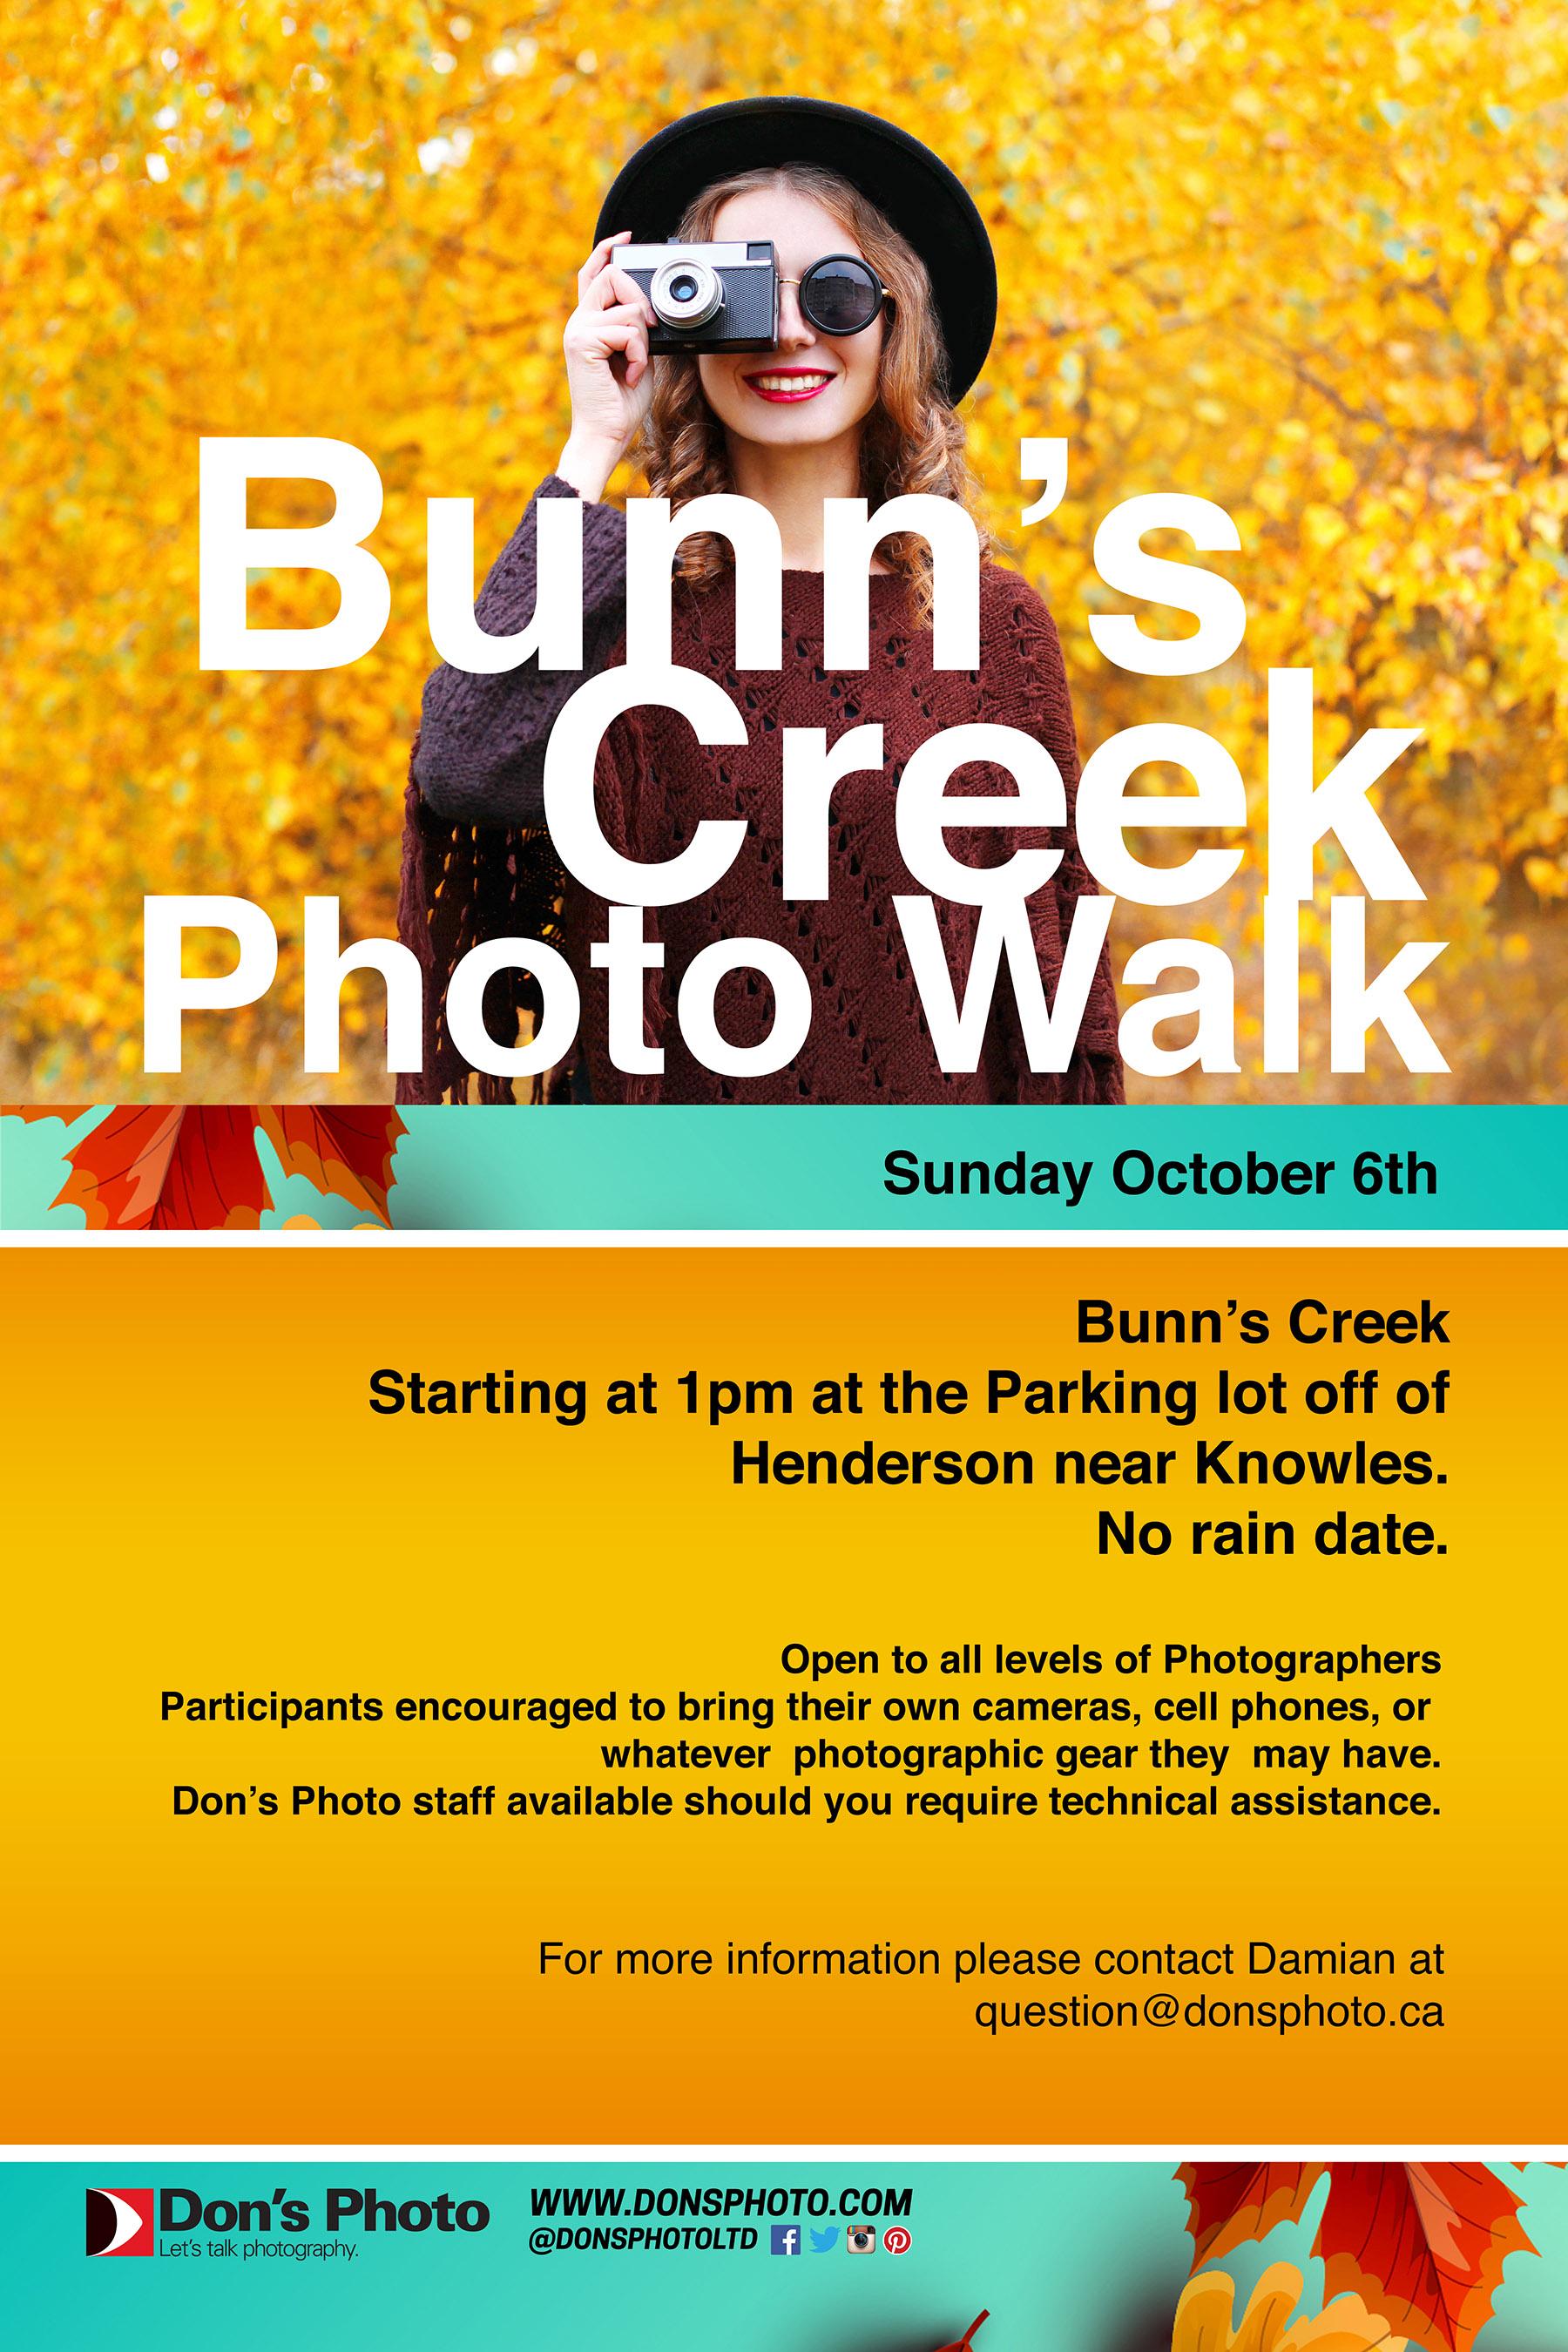 Bunn's Creek Photo Walk